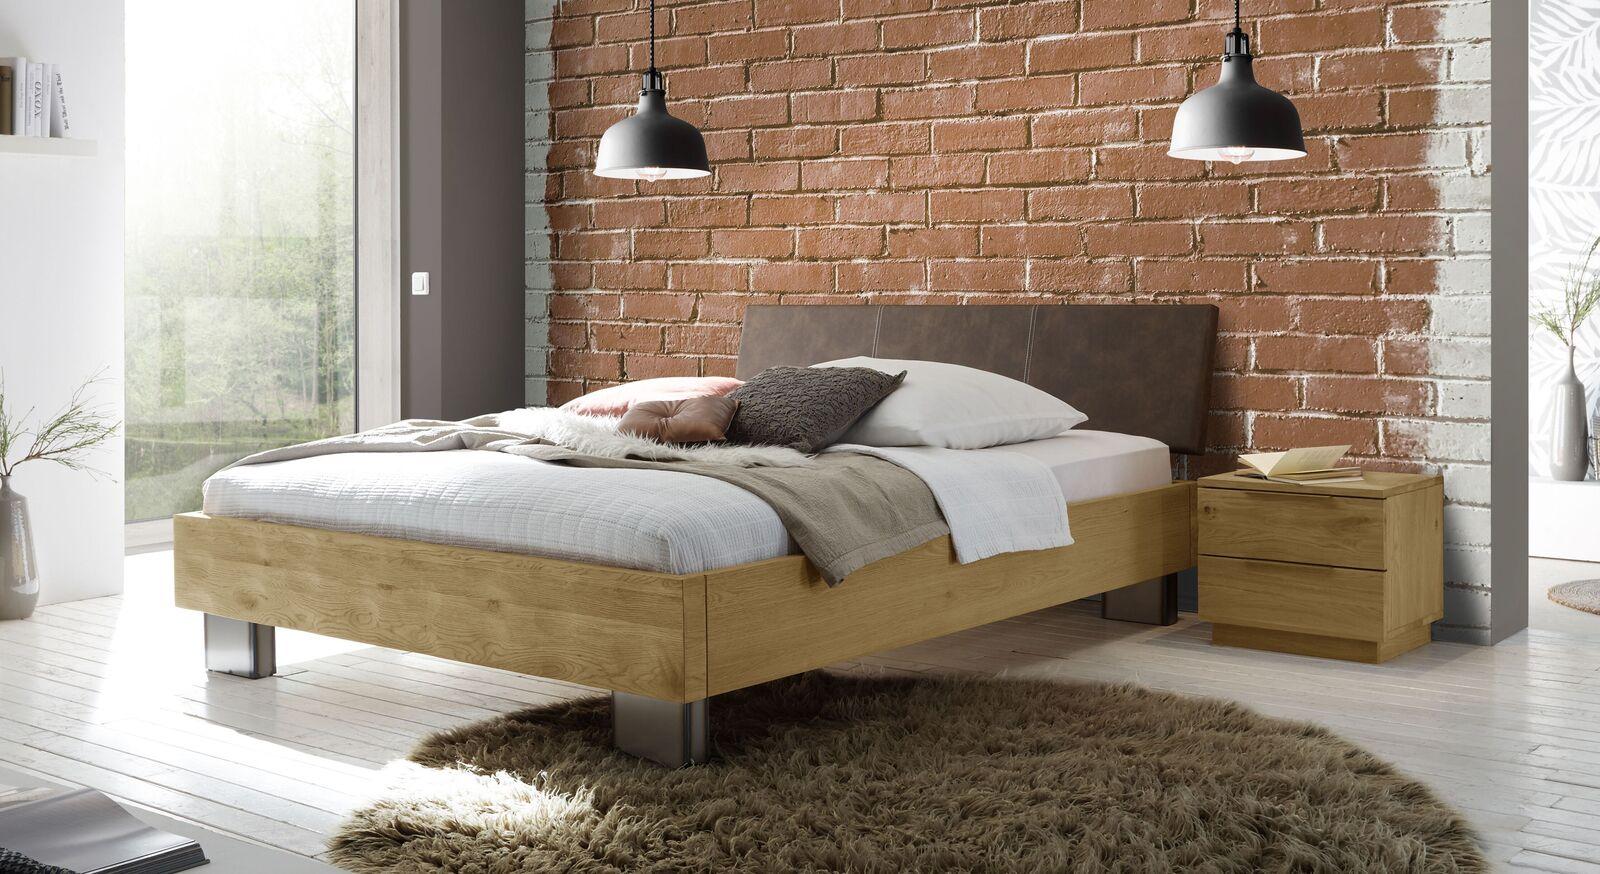 Bett Cadinor mit passenden Schlafzimmermöbeln